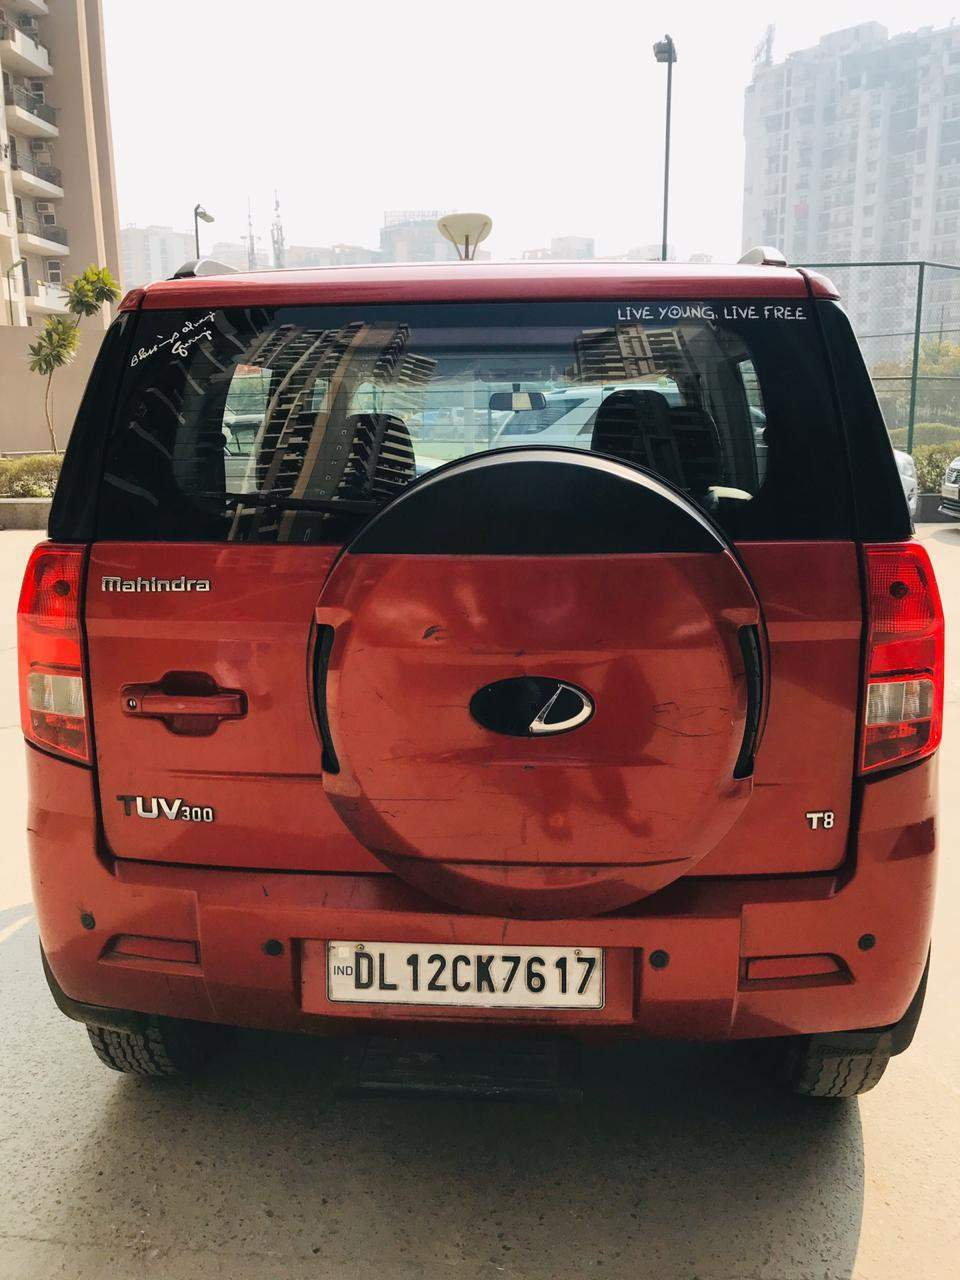 Mahindra Tuv300 Rear View